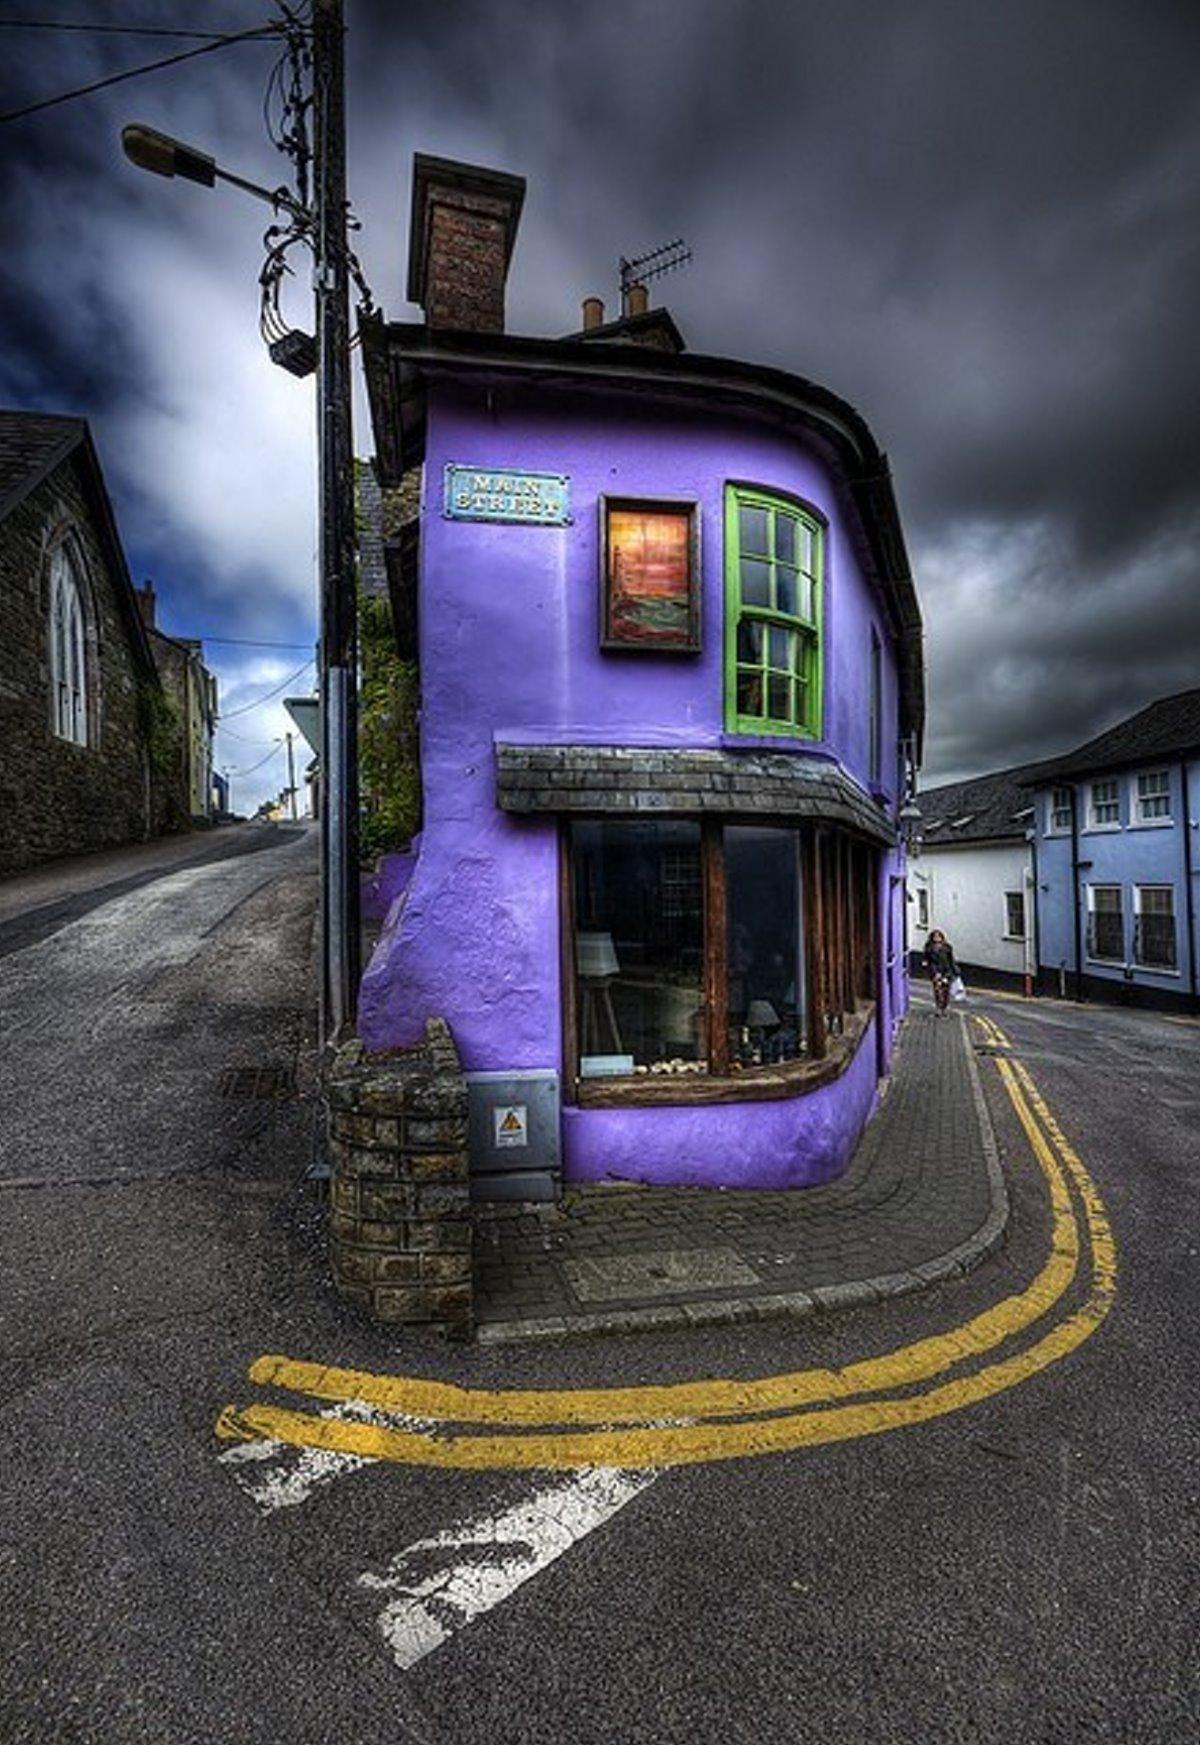 όμορφο σοκάκι στο Kinsale στην Ιρλανδία